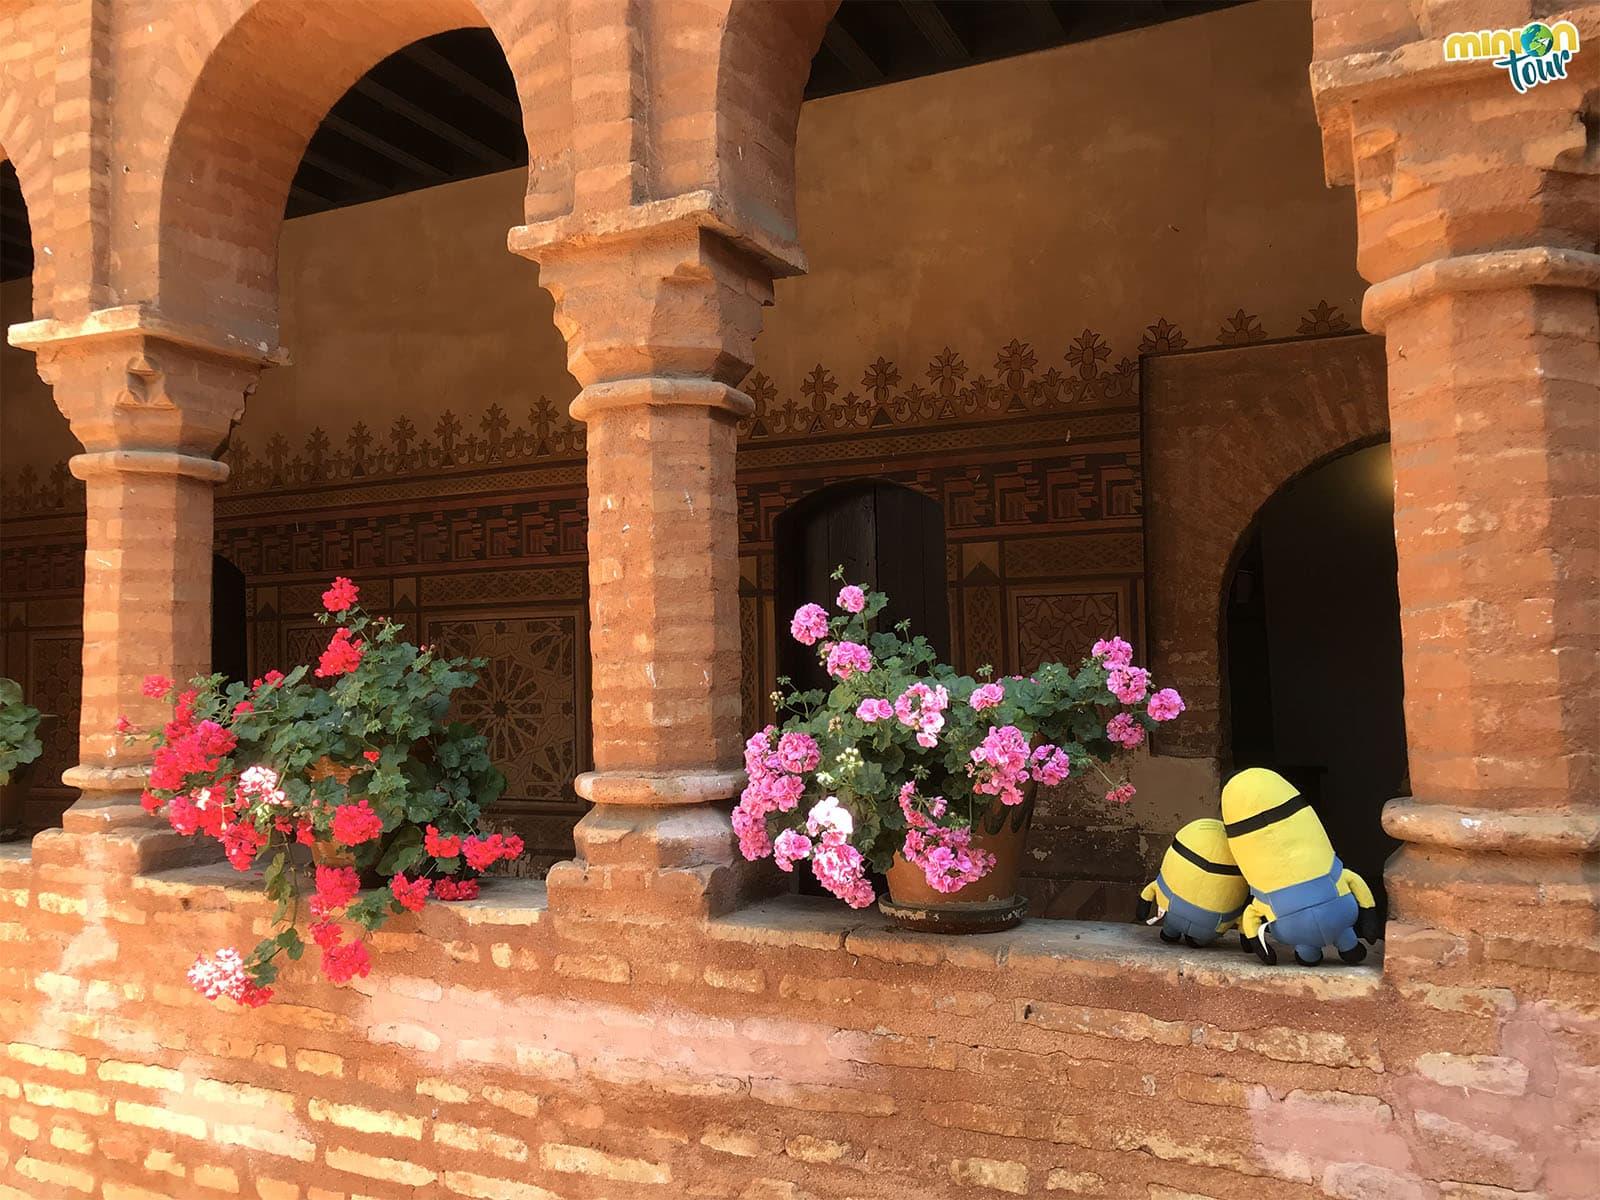 Minions en el Claustro Mudéjar del Monasterio de la Rábida